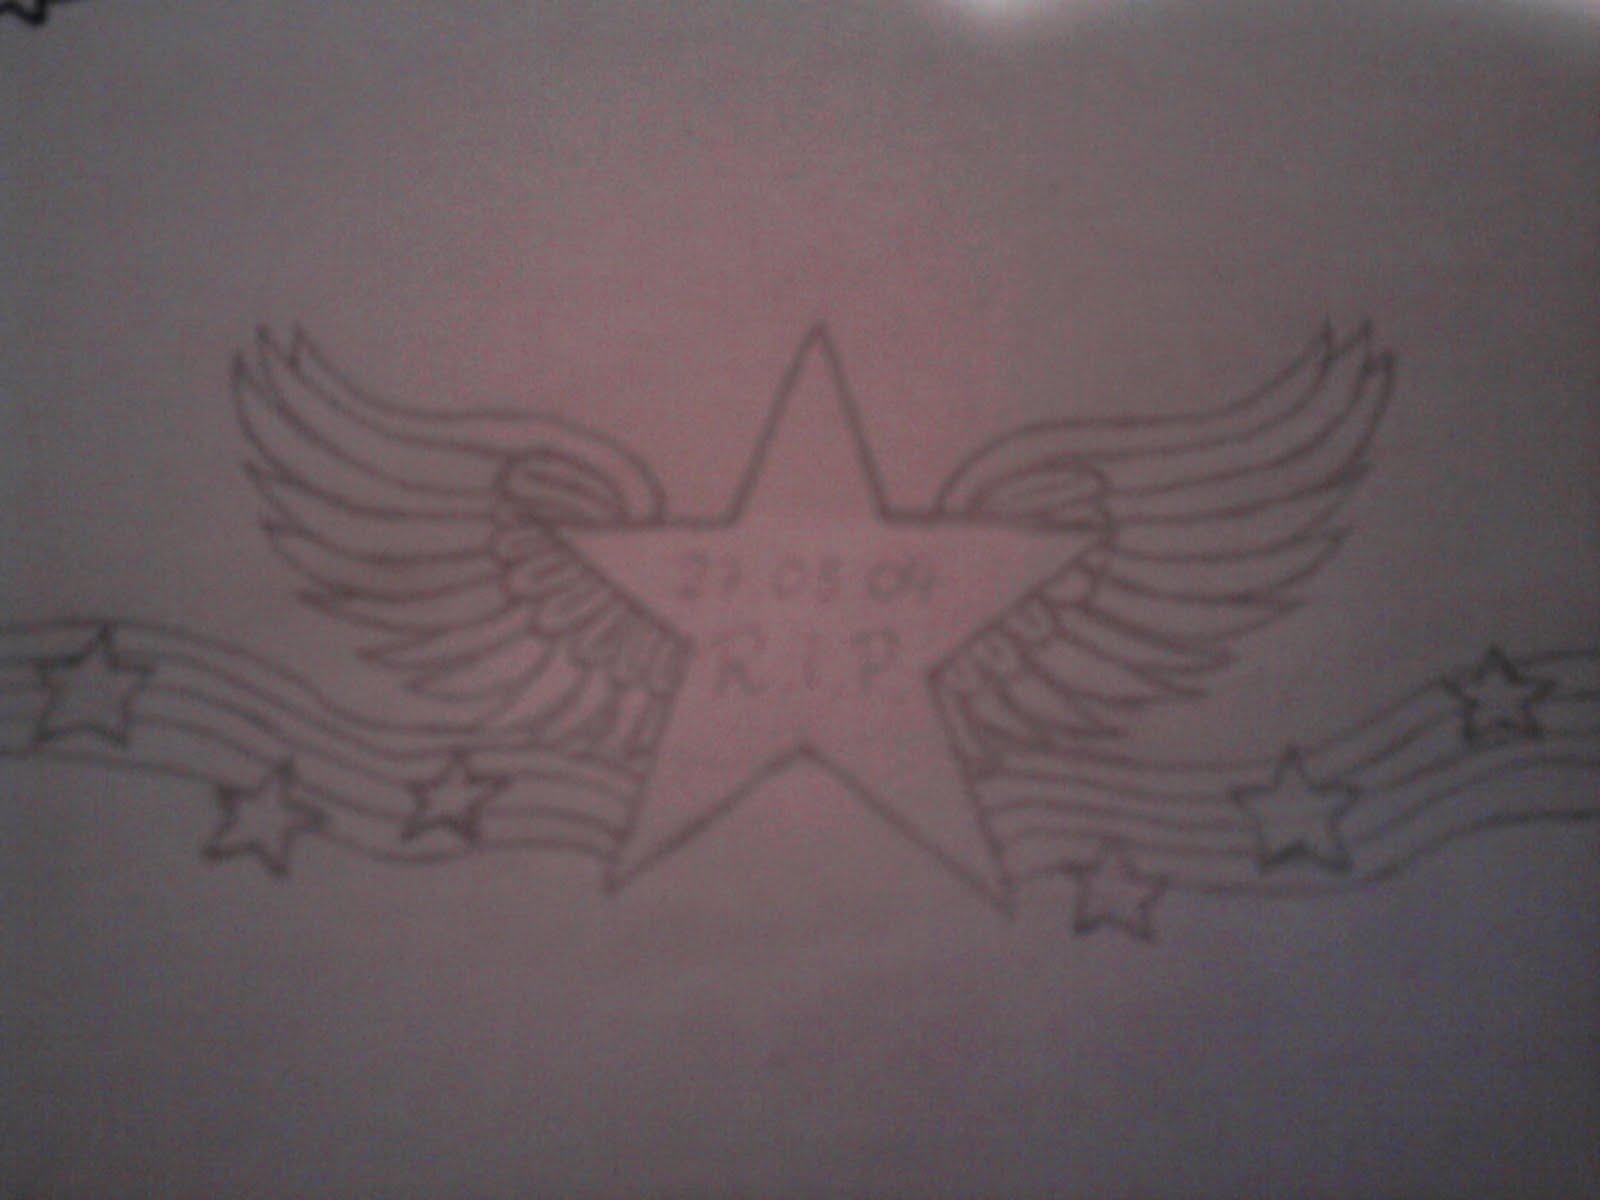 Ein Schner Sternenschweif Und Alles Natrlich Tattoo Like Also